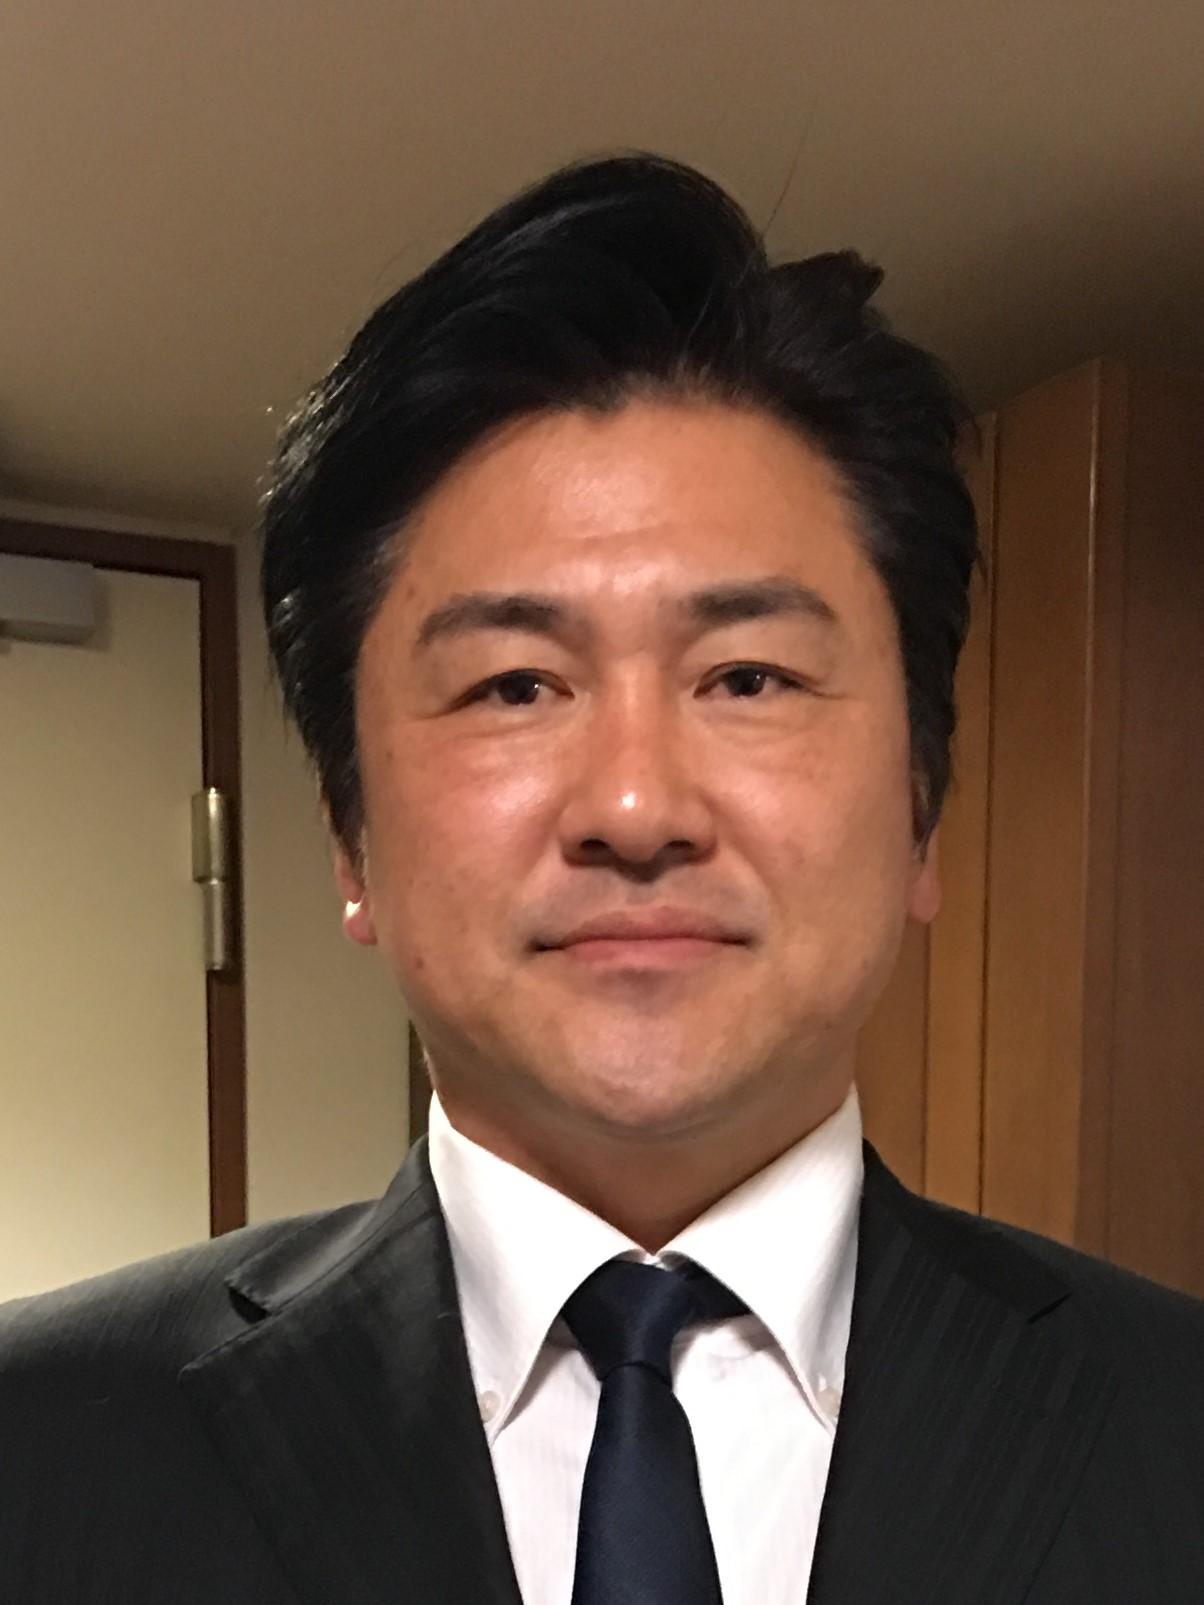 松井を5敬遠した河野和洋氏が帝...